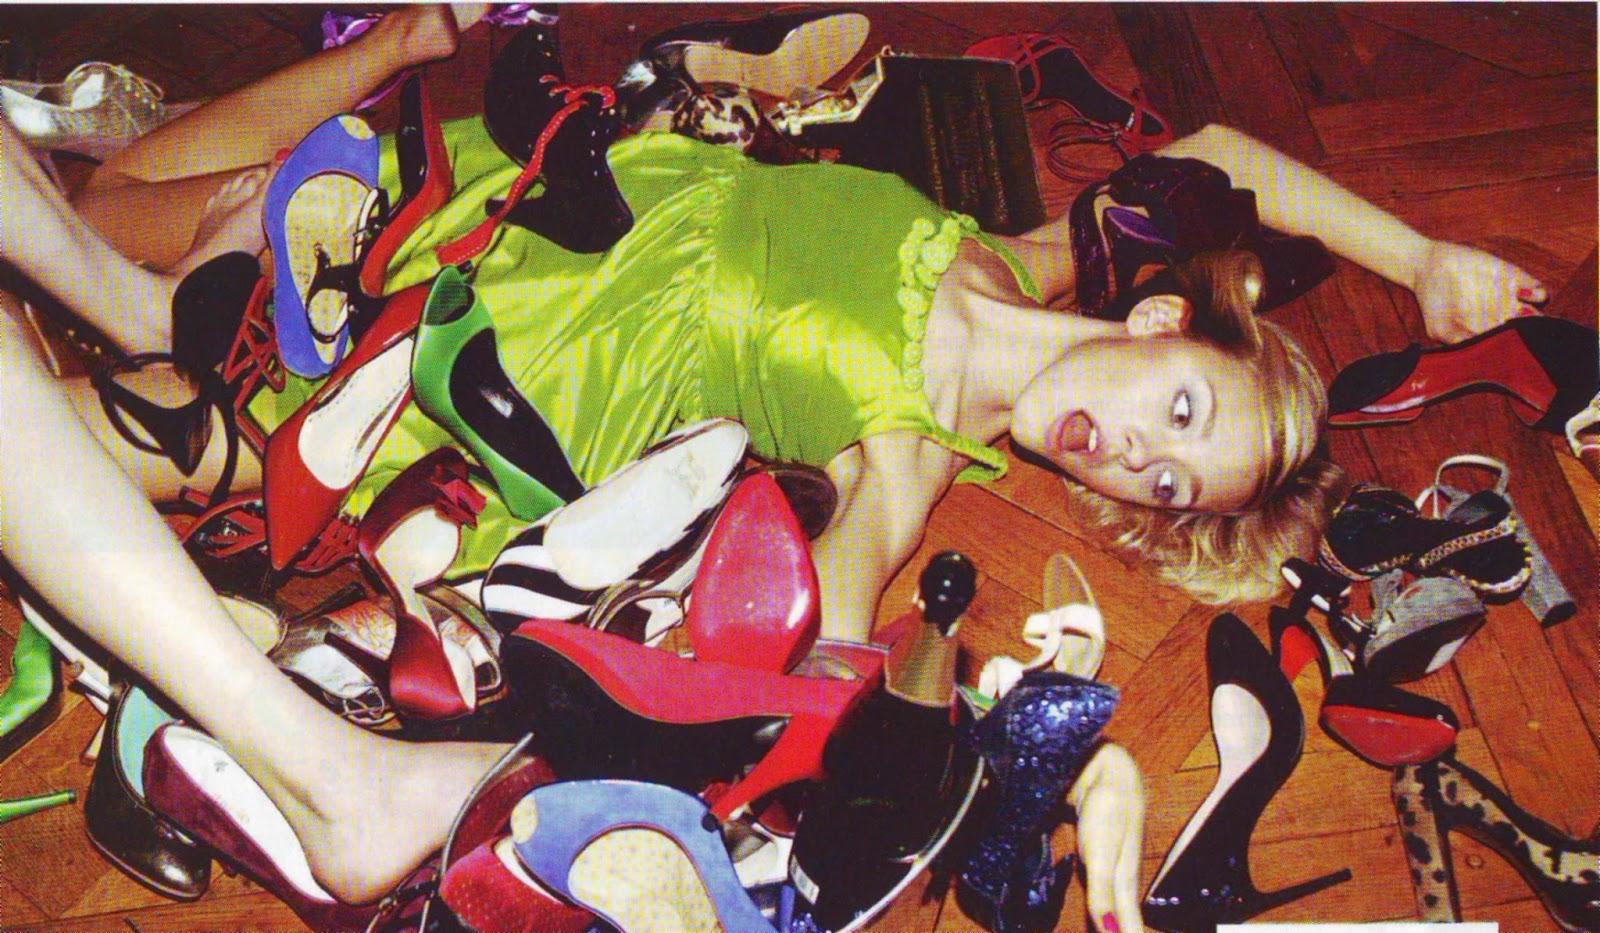 Elblogdepatricia-trucos-zapatos-shoes-calzado-calzature